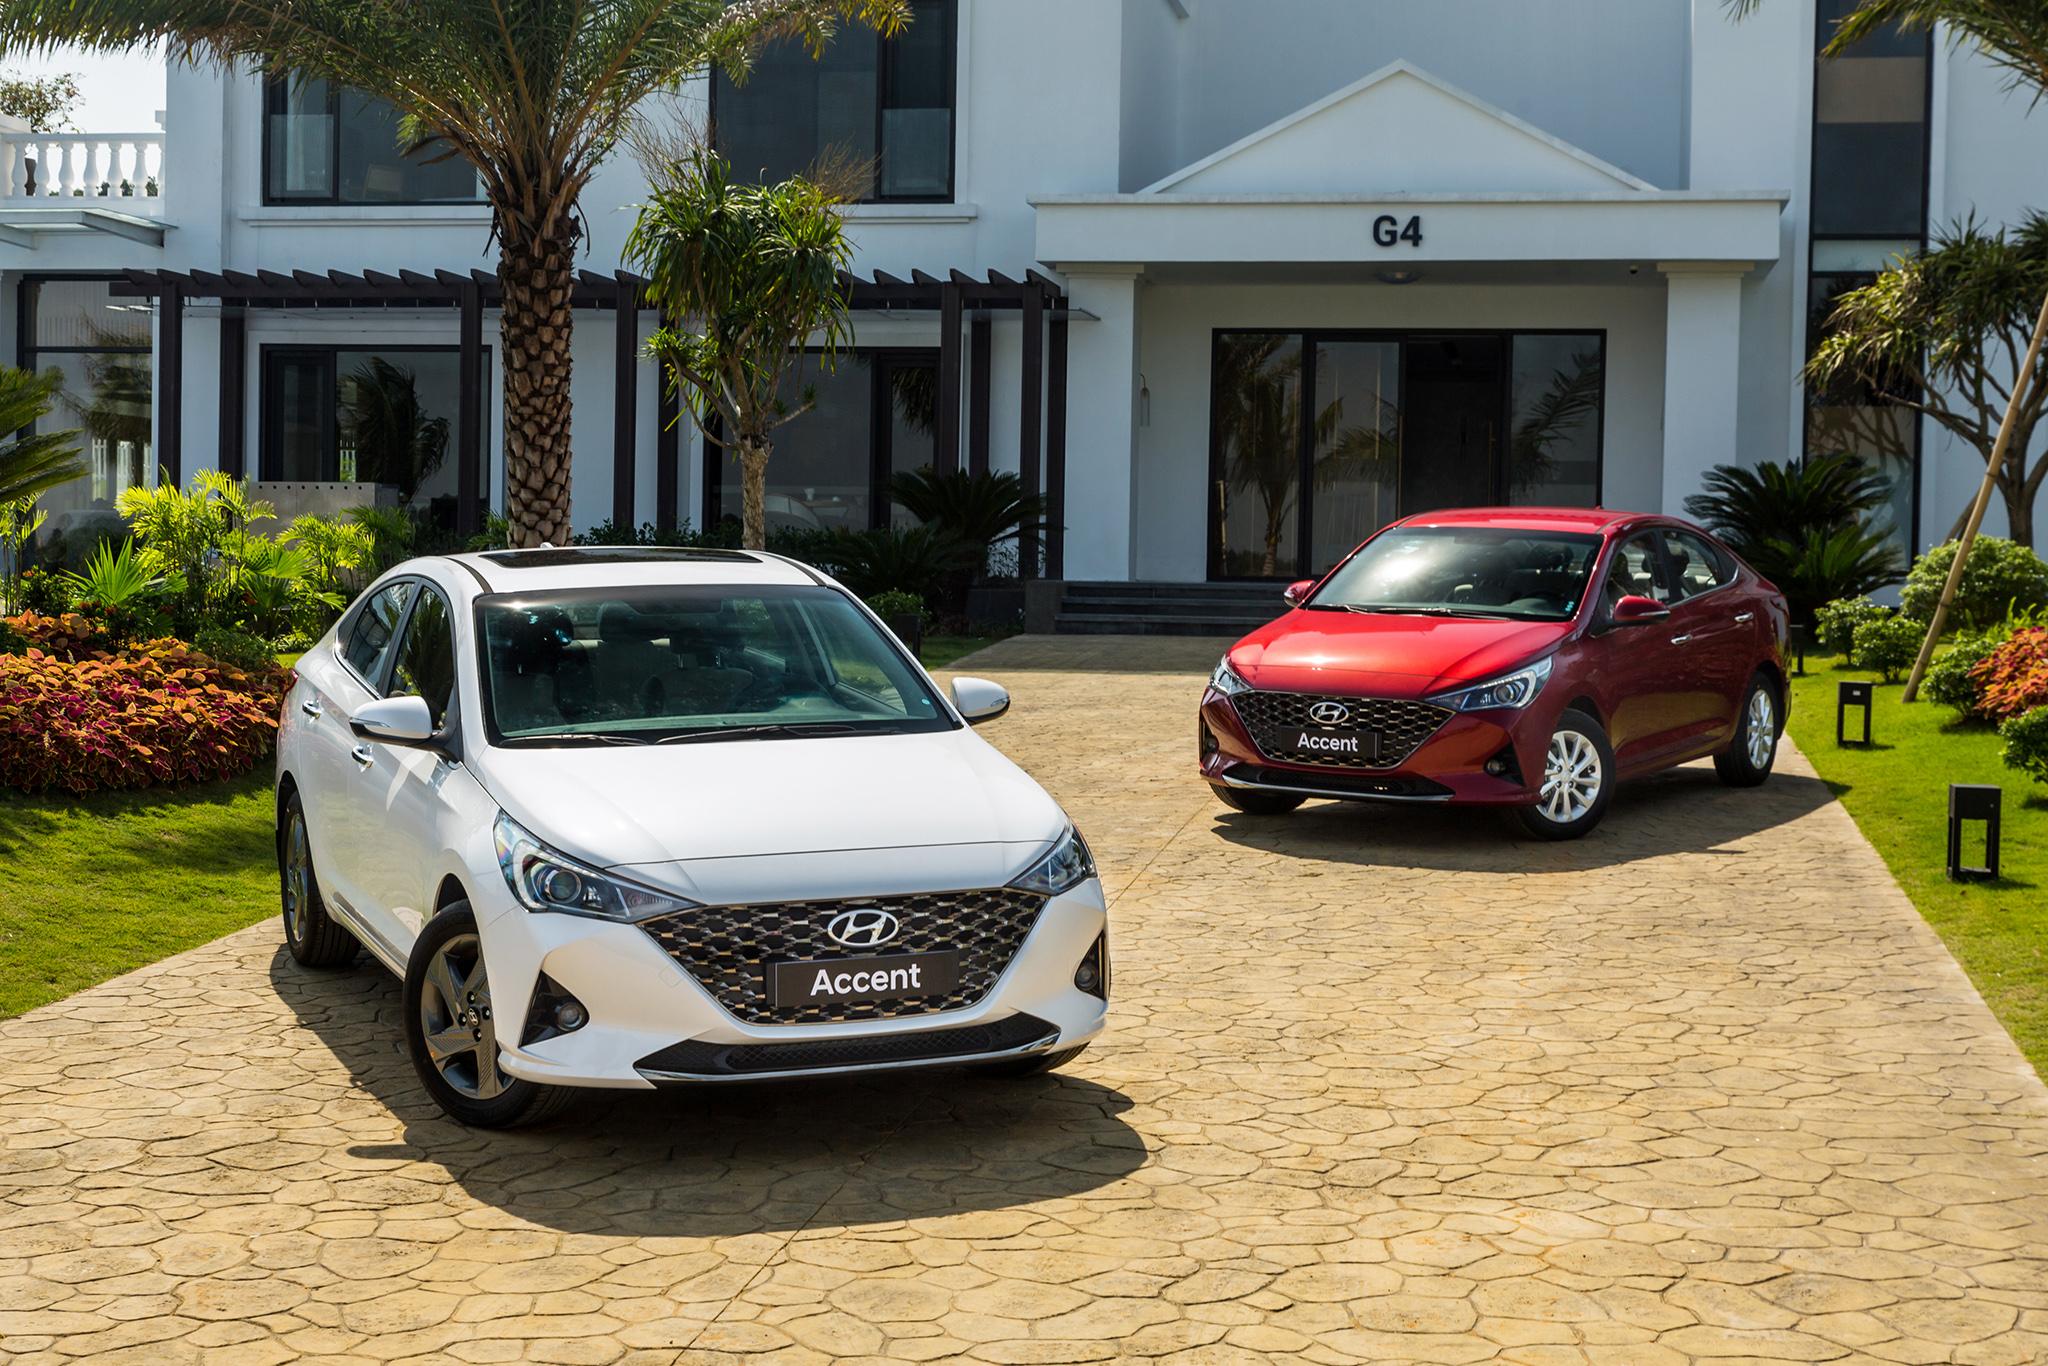 TC Motor ra mắt Hyundai Accent 2021 với giá bán từ 426,1 triệu đồng - Ảnh 1.